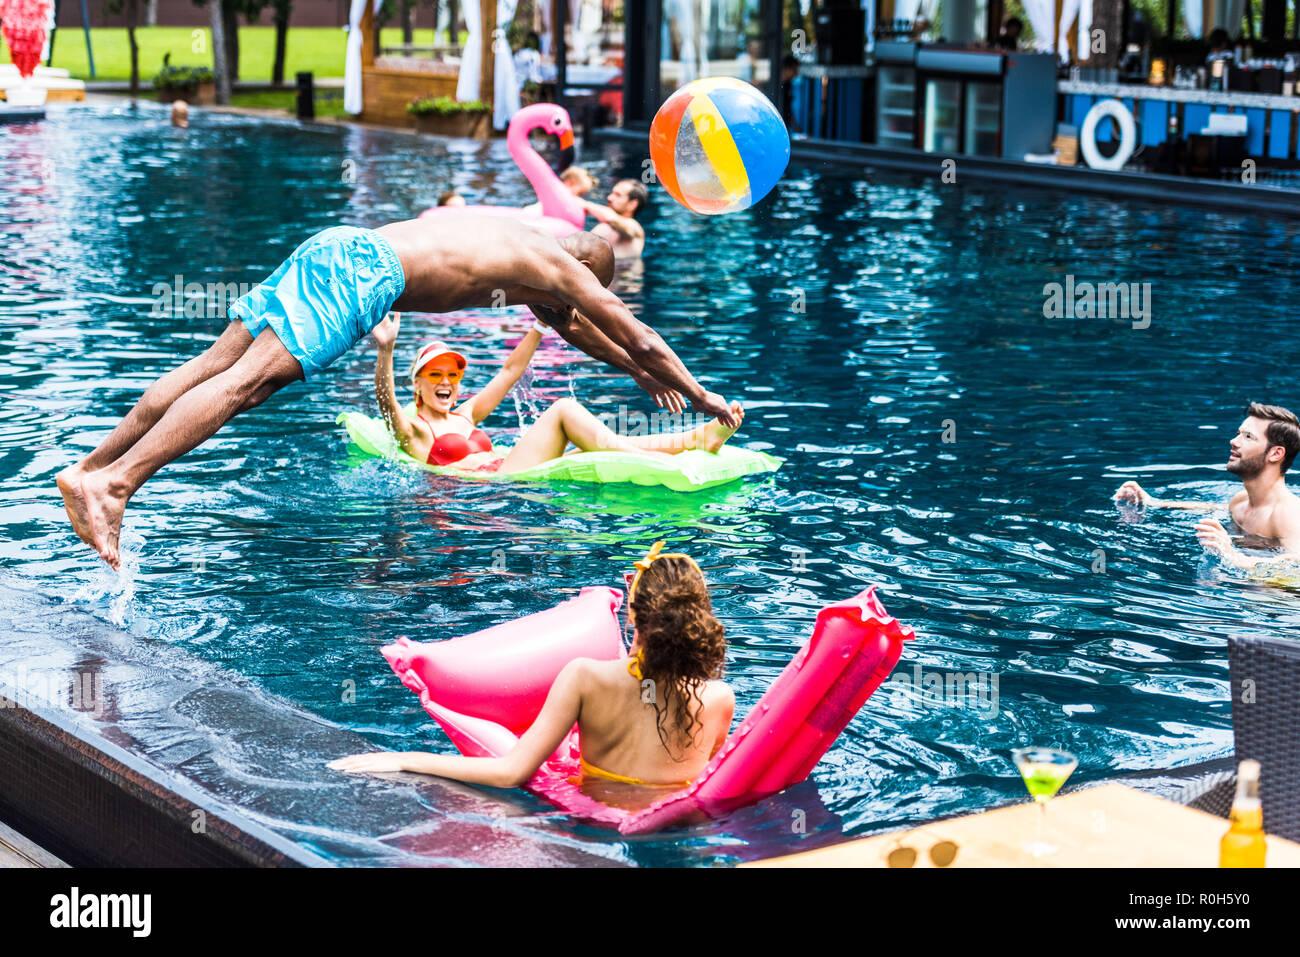 Joven saltando en la piscina mientras sus amigas descansando en colchones inflables Imagen De Stock